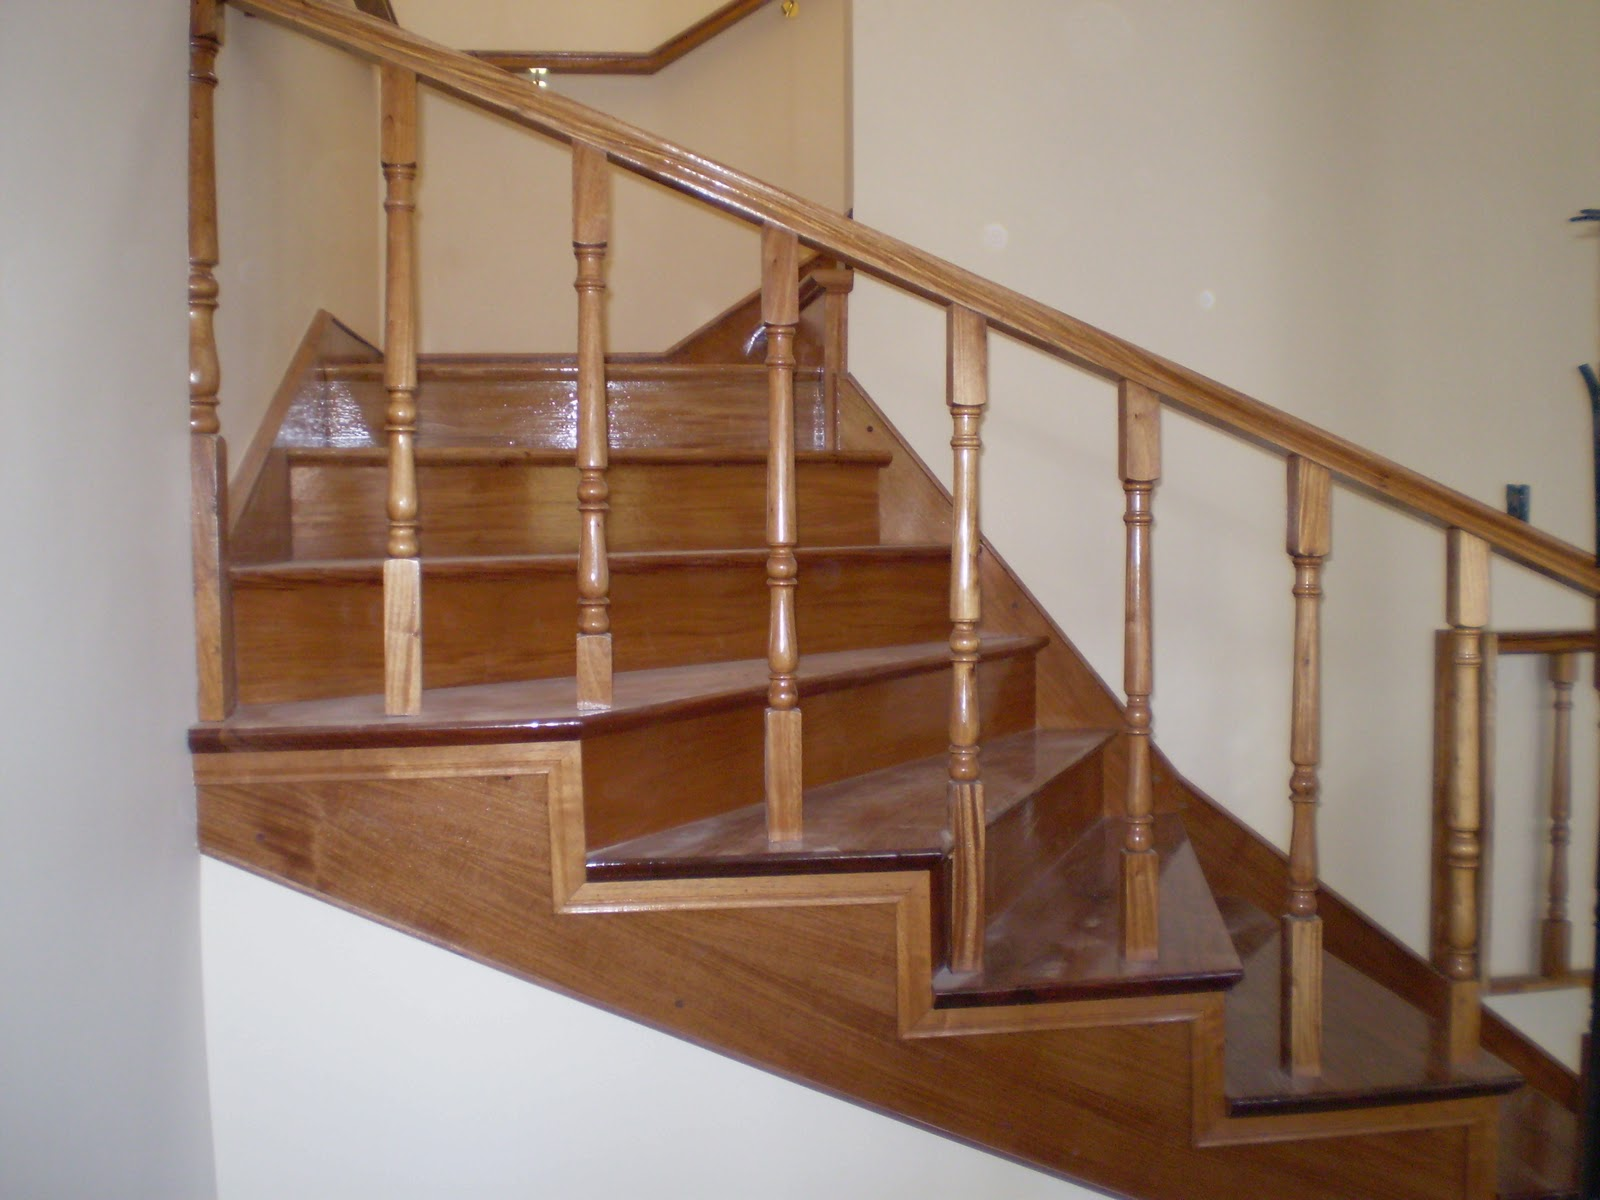 Todo en madera diferentes tipos de escaleras for Escaleras para casa chica